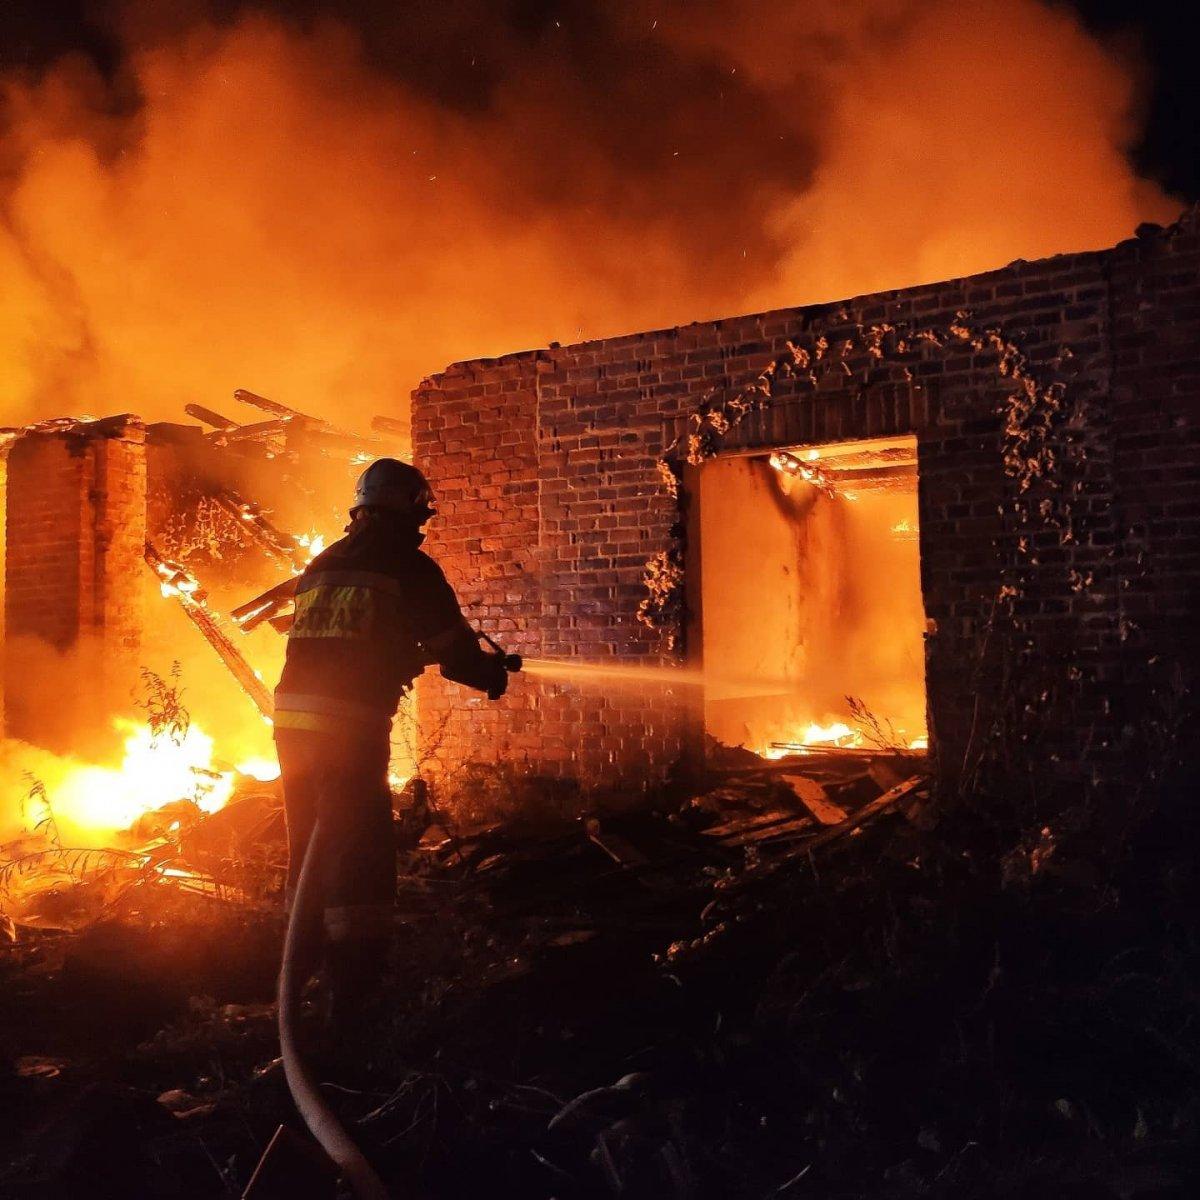 Akcja straży pożarnej w b. klinkierni w Nowogrodźcu (gmina Nowogrodziec, powiat bolesławiecki)